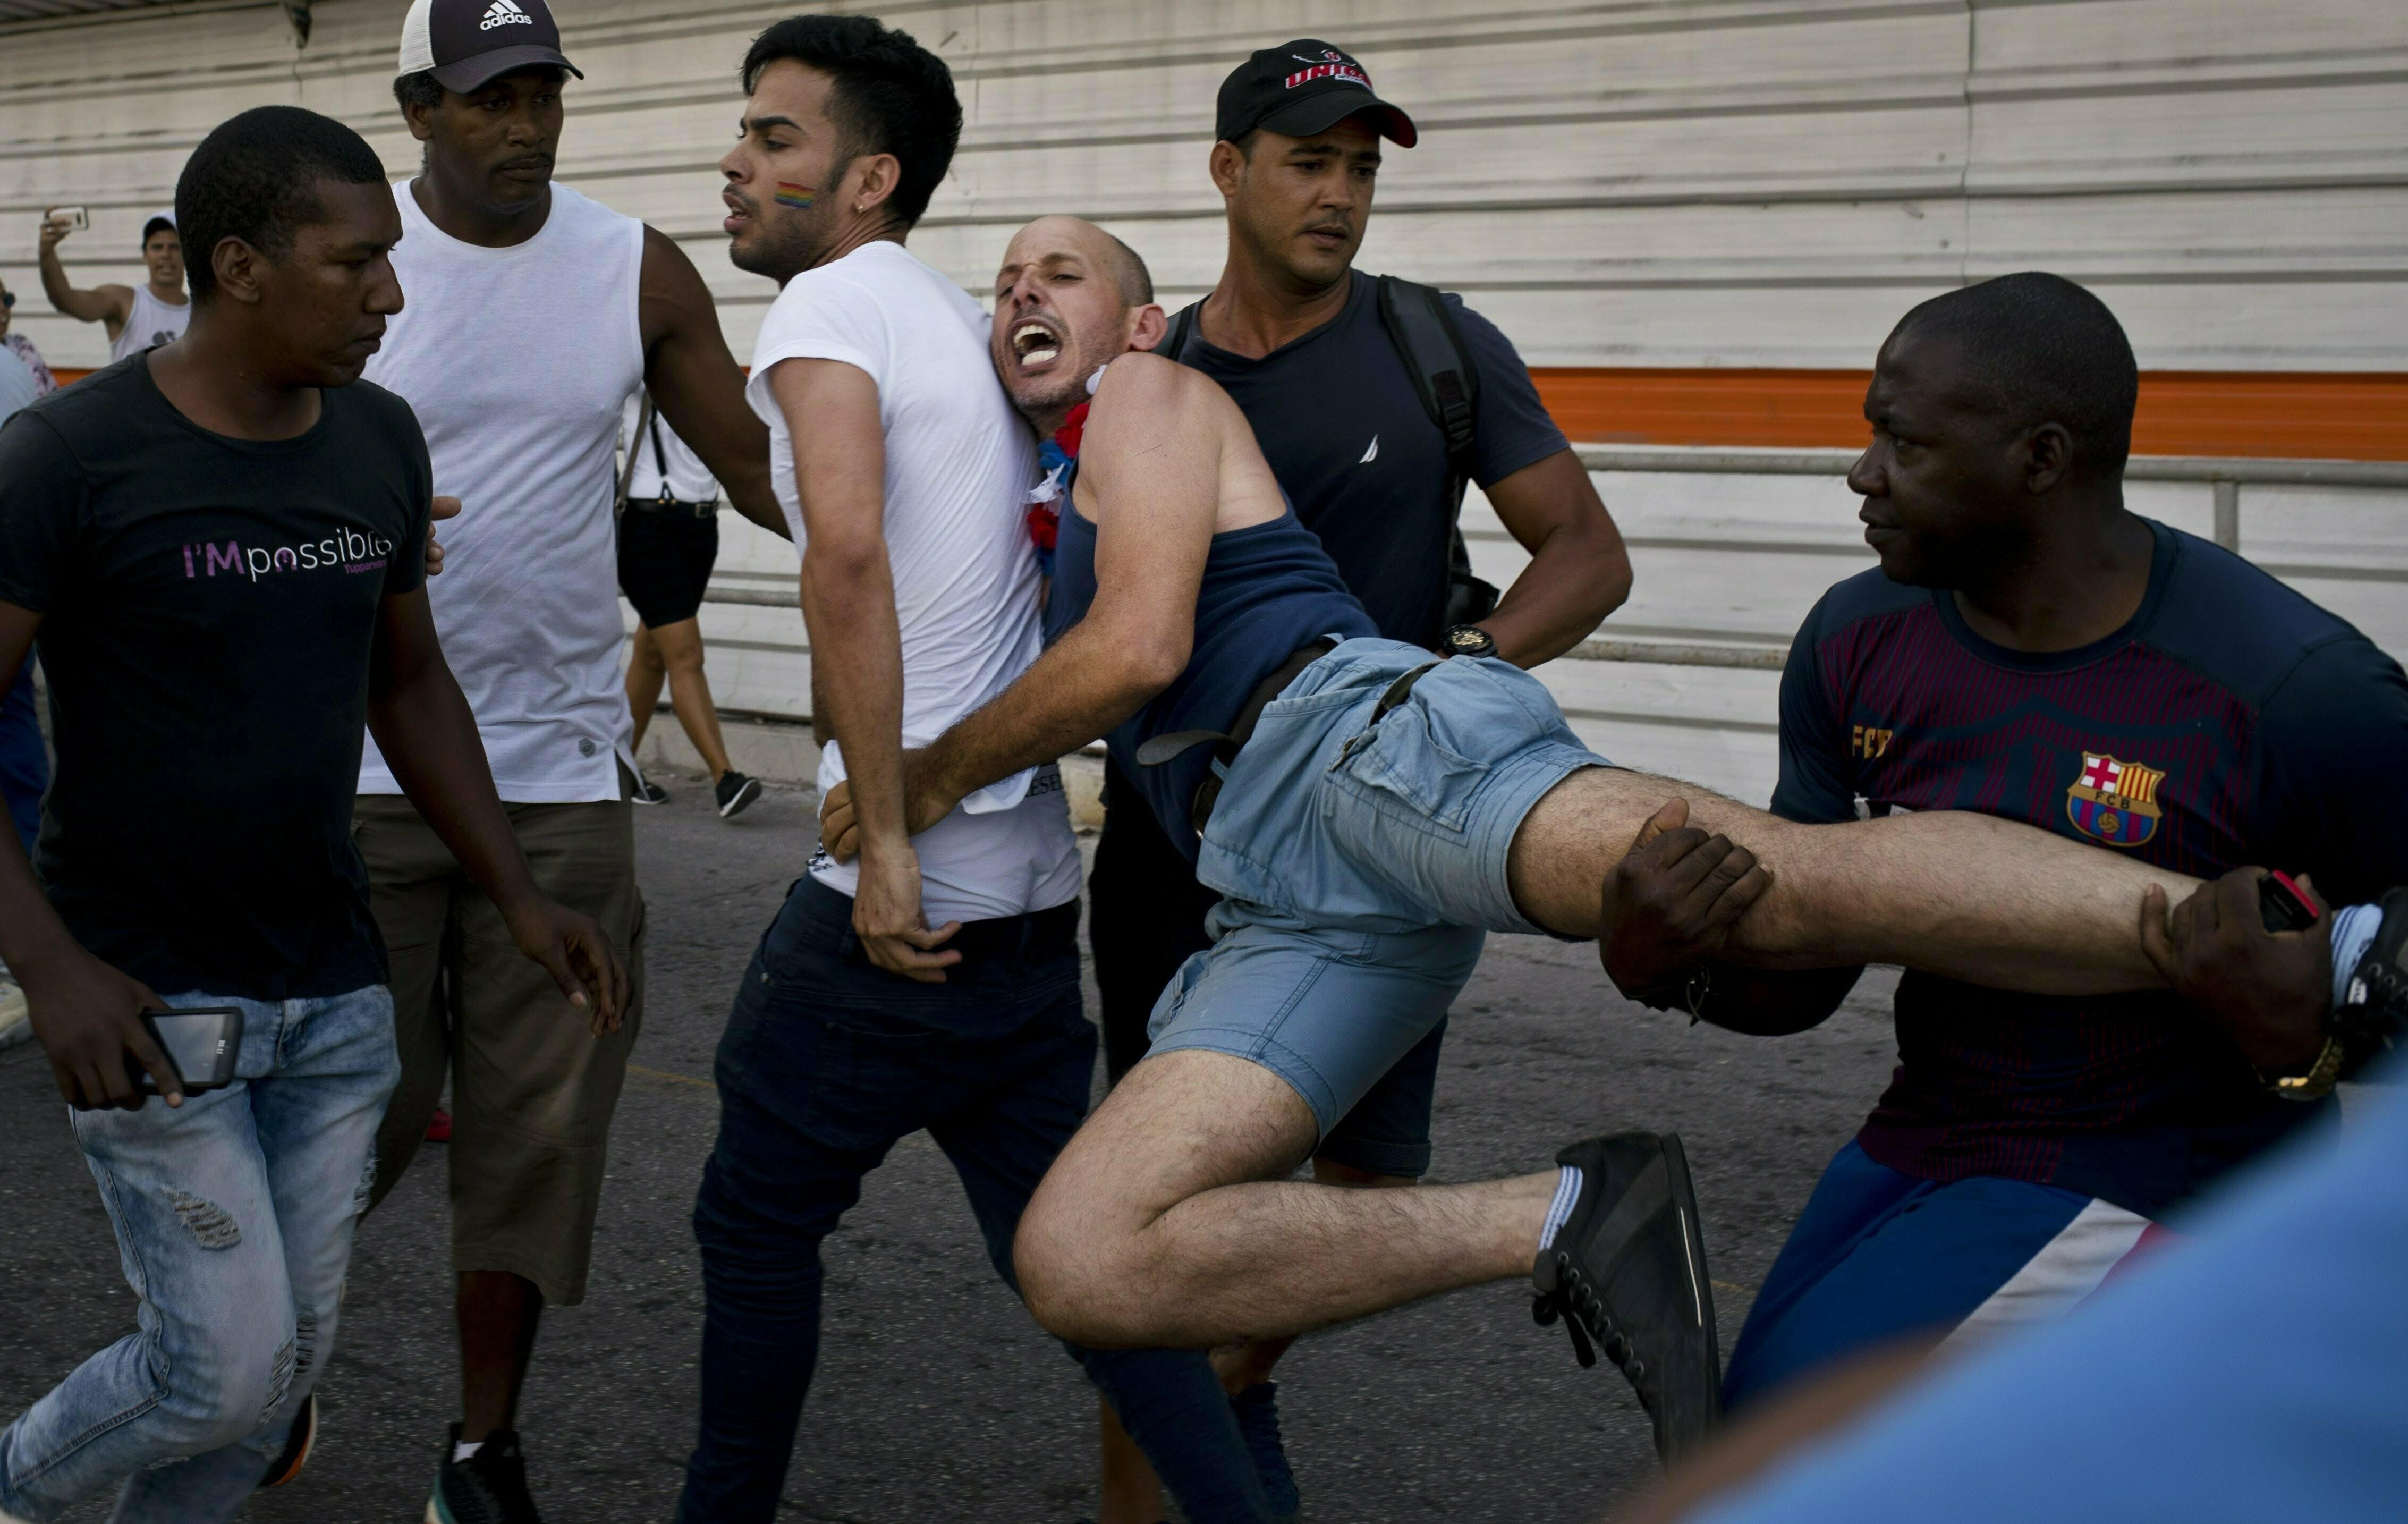 Poliţia întrerupe un marş LGBT în Cuba